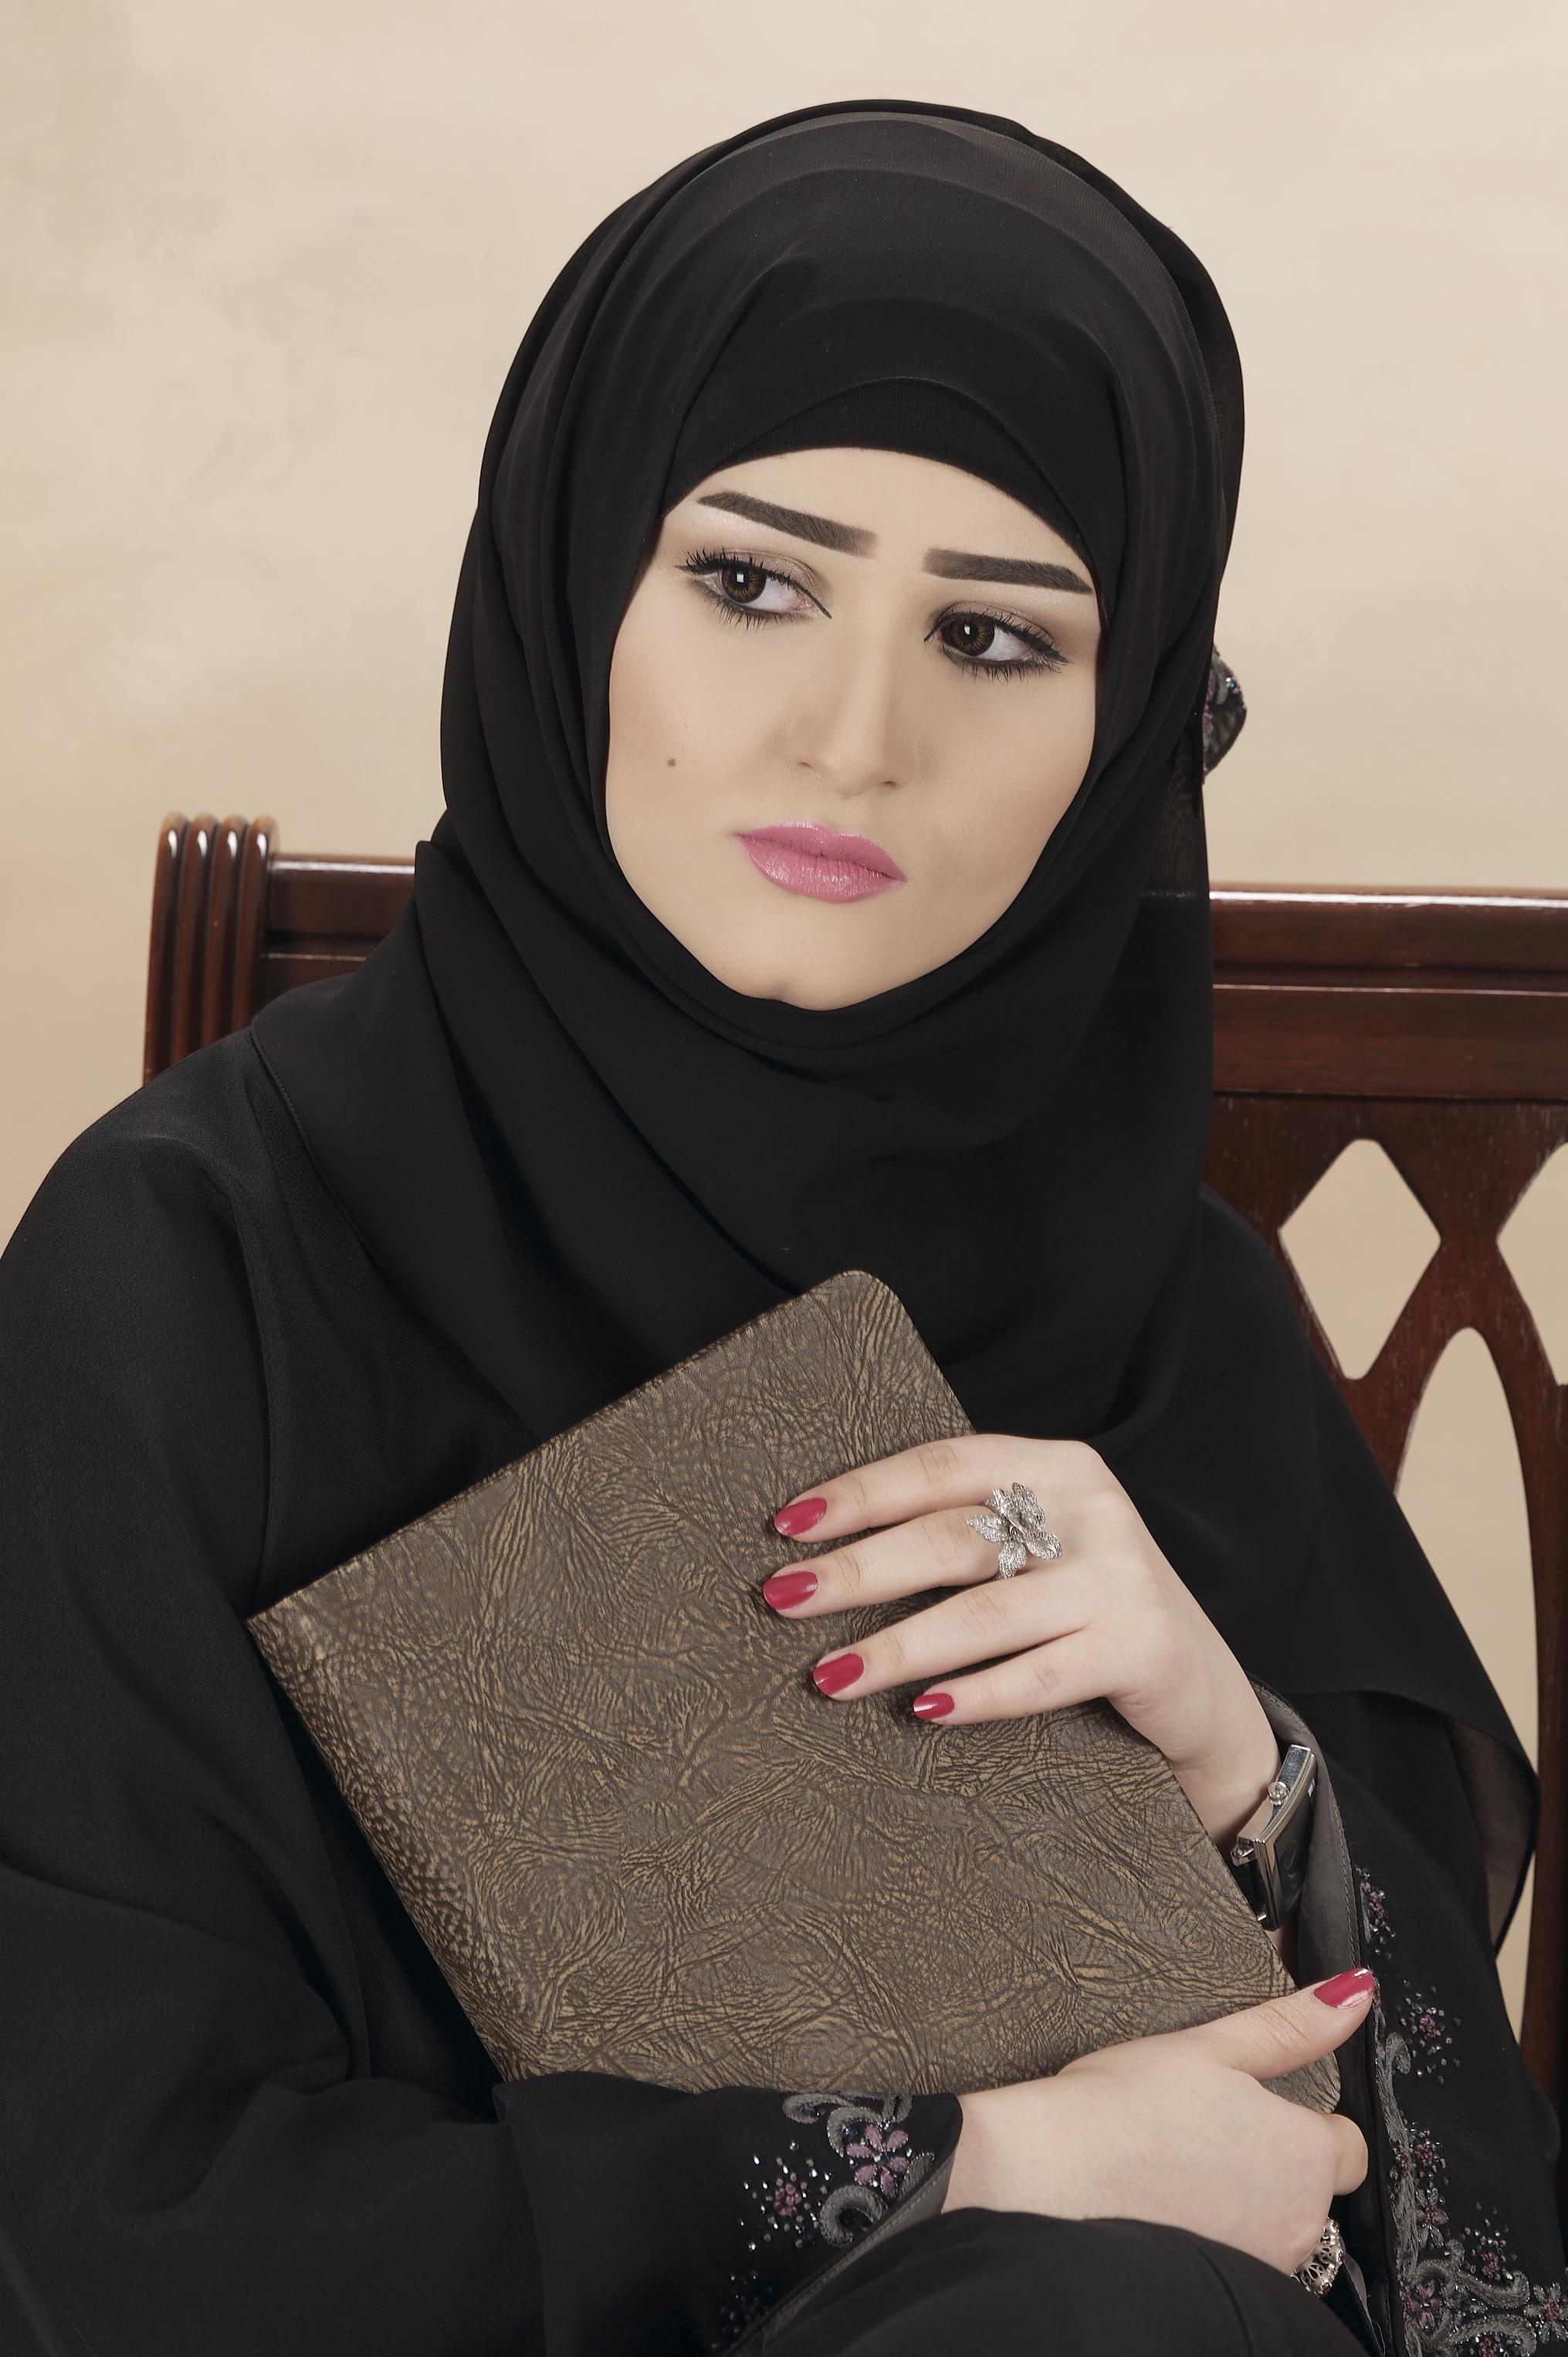 بالصور بنات دبي , اجمل الصور لاحلى البنات بنت دبي 1541 1